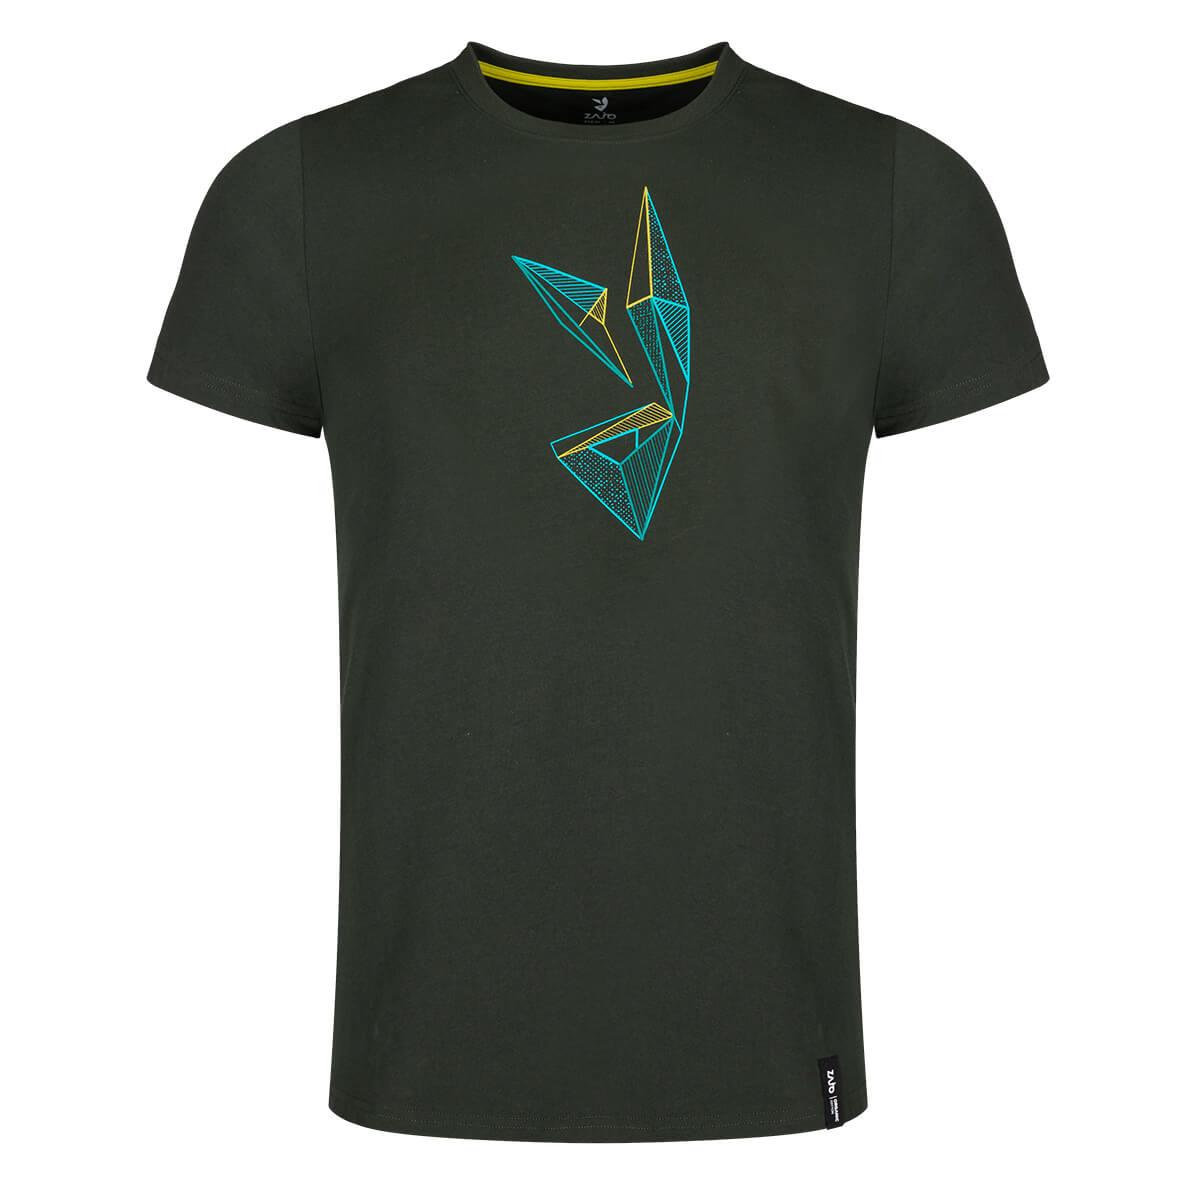 ZAJO Bormio T-Shirt SS pánske tričko Climbing Ivy Rabbit - veľkosť M